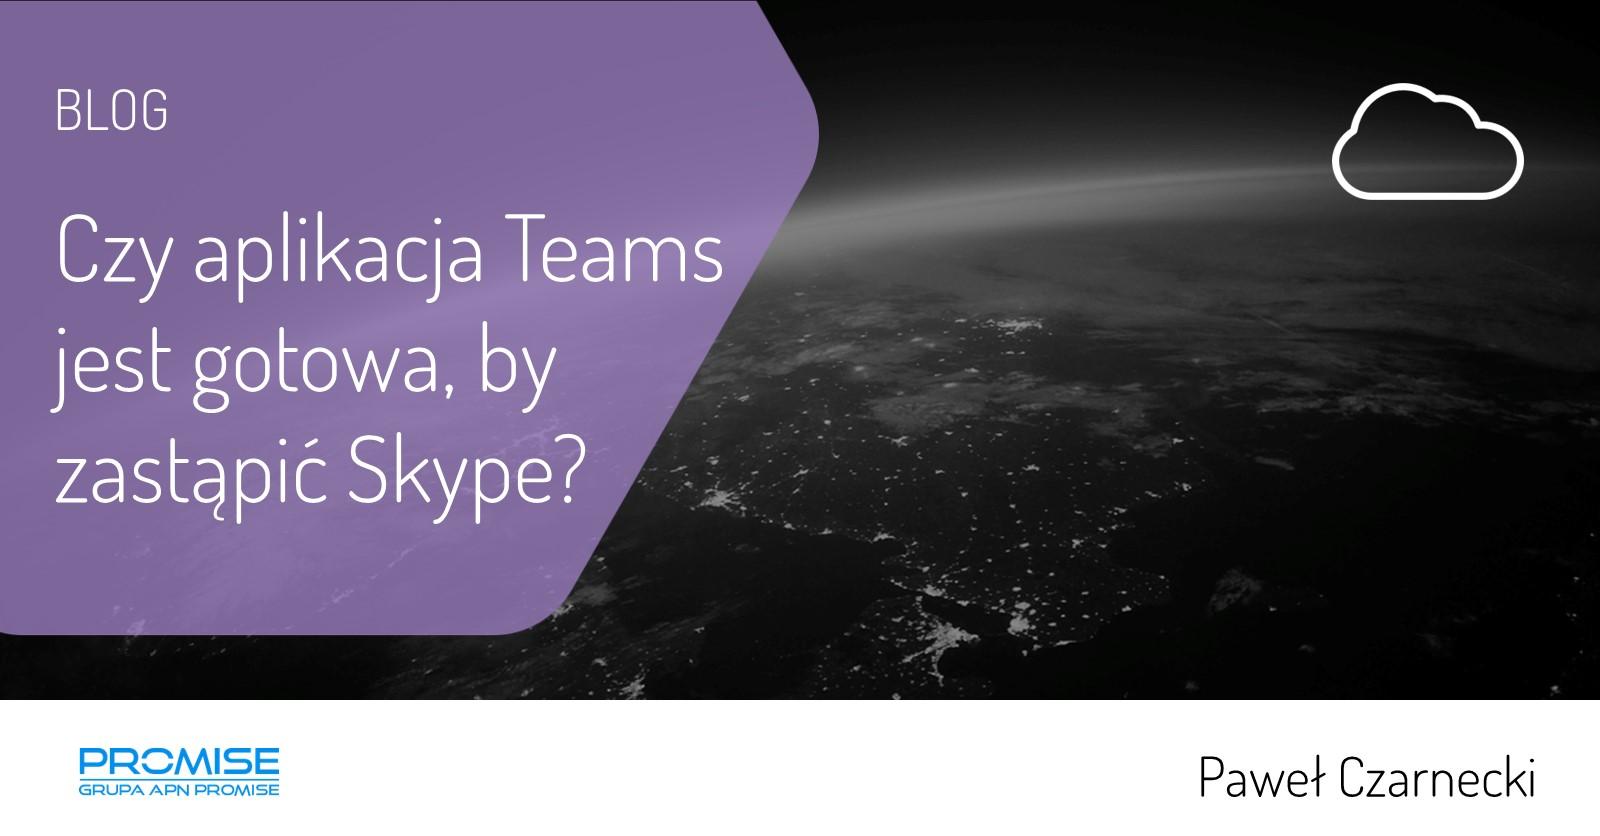 Czy aplikacja Teams jest gotowa by zastapic Skype